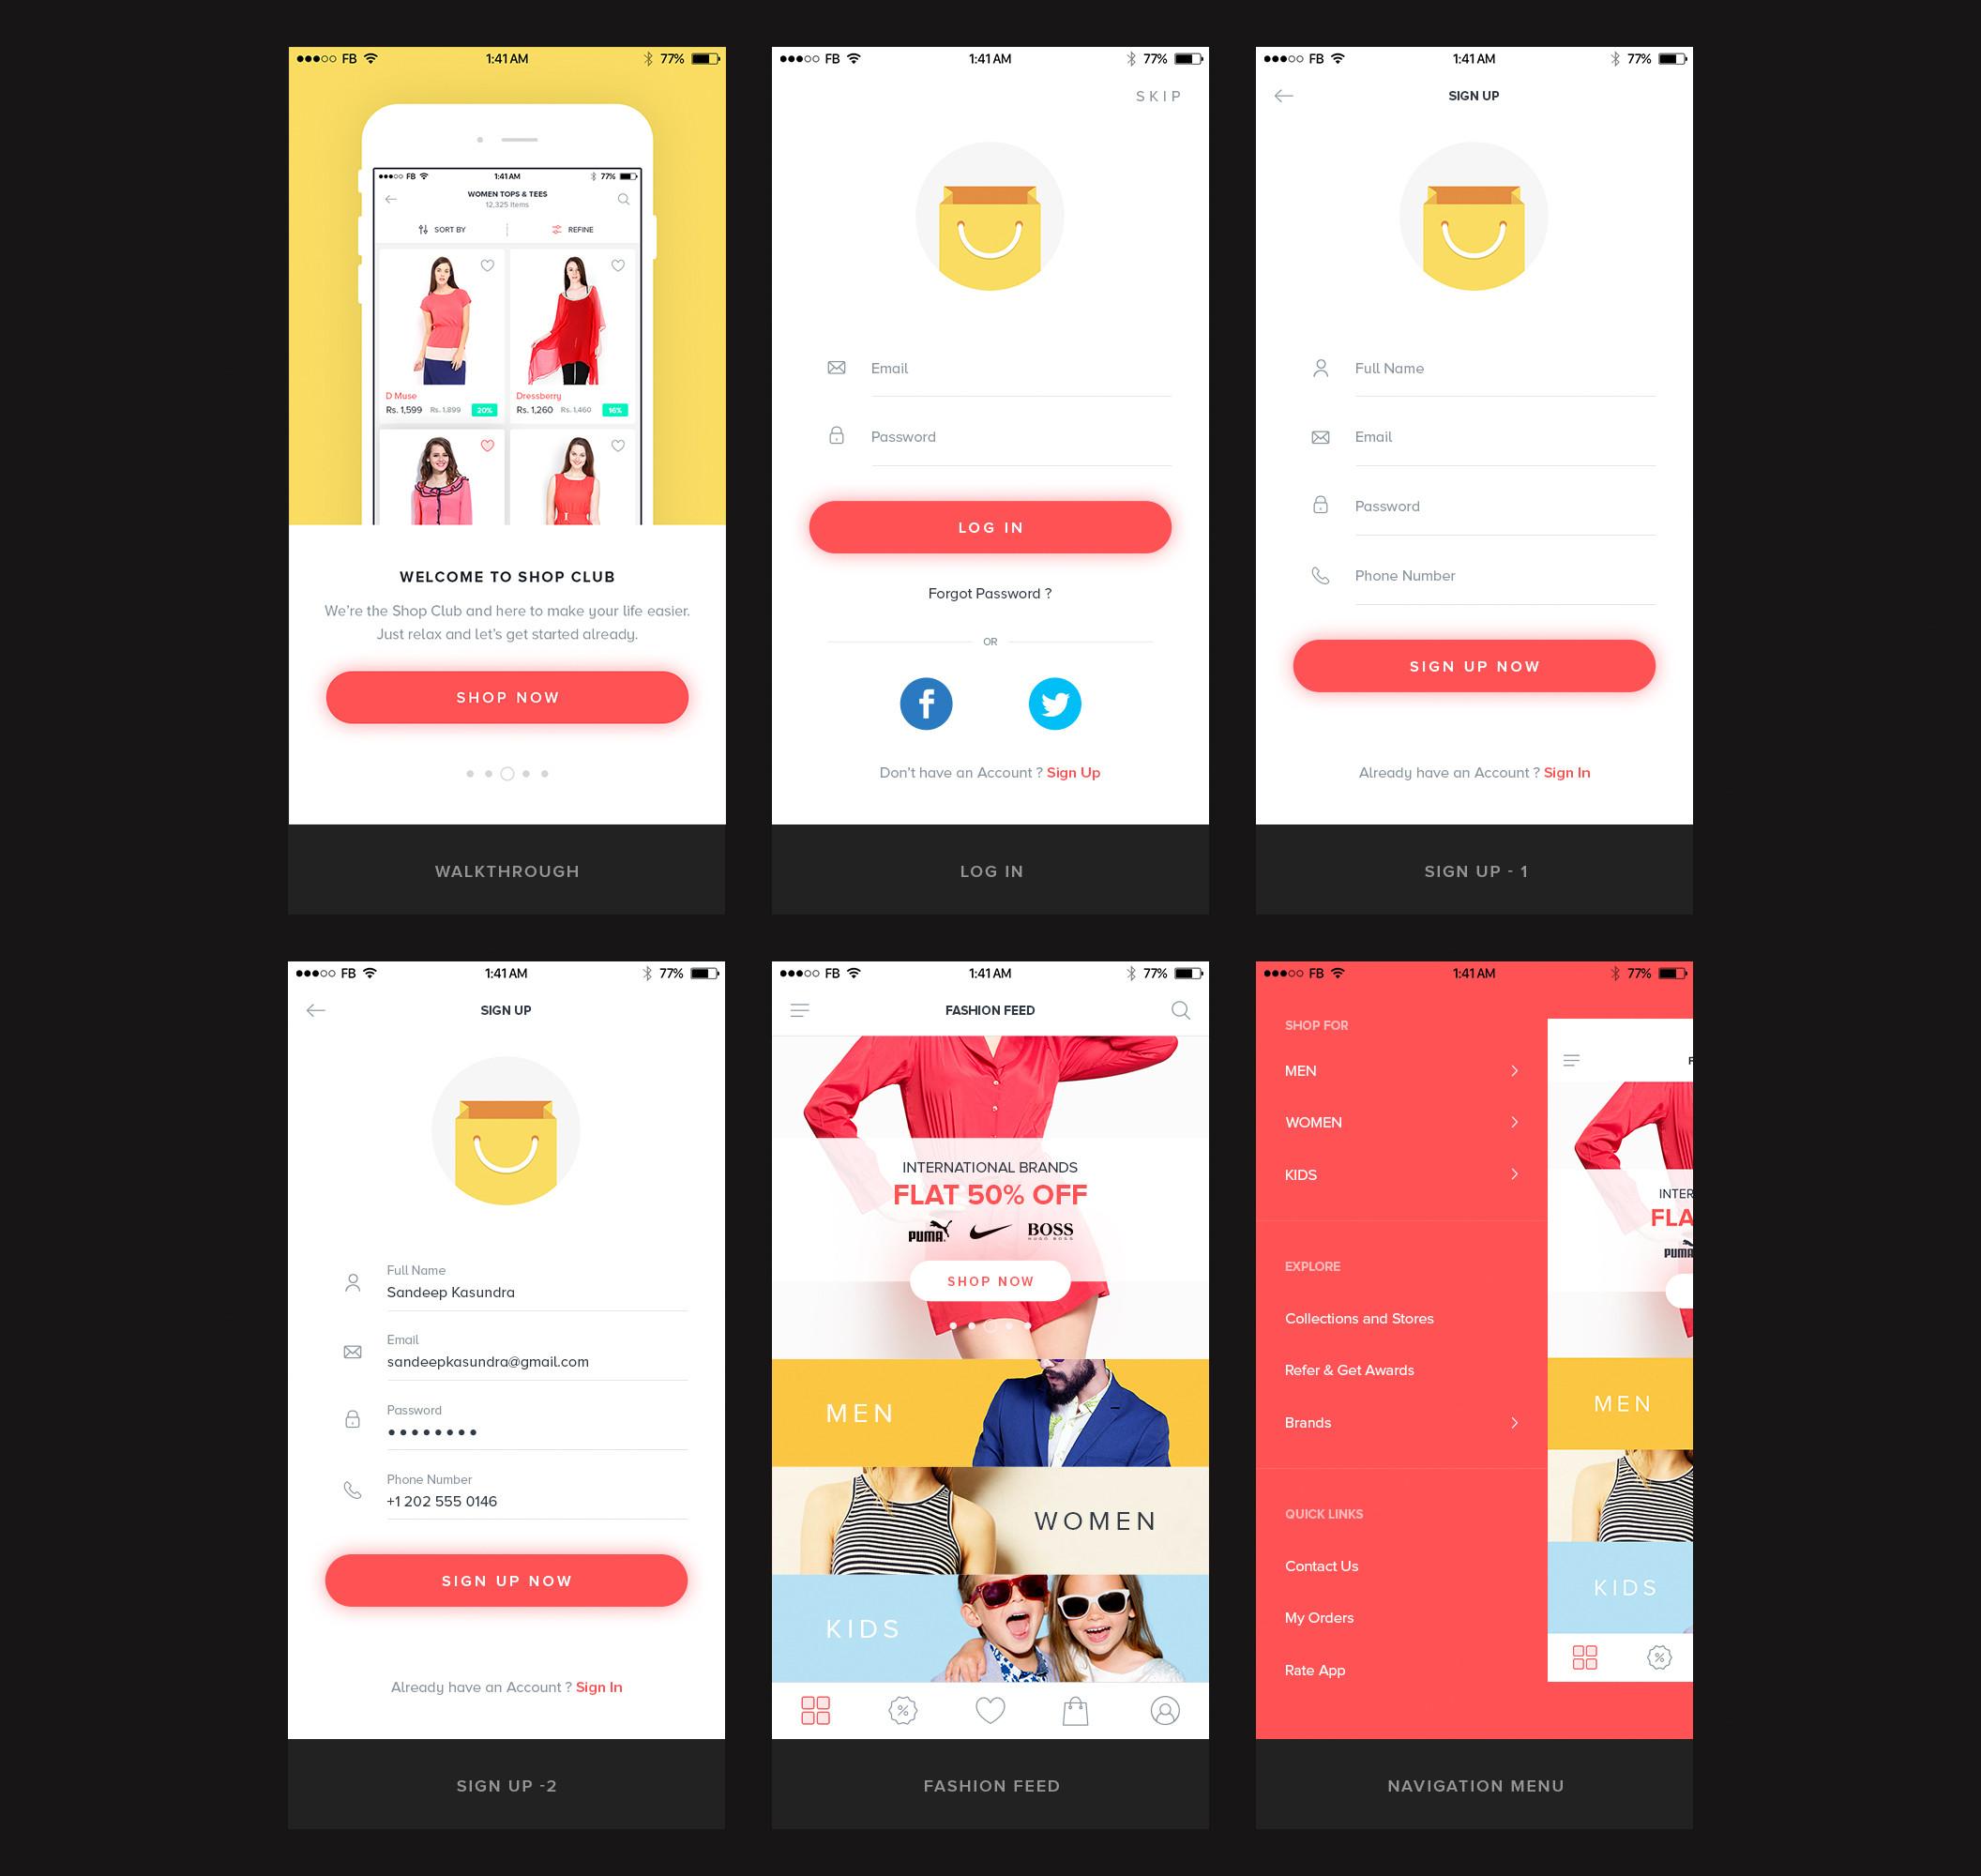 一个专业简洁的电商购物完整Ui界面设计 psd素材下载 界面-第2张